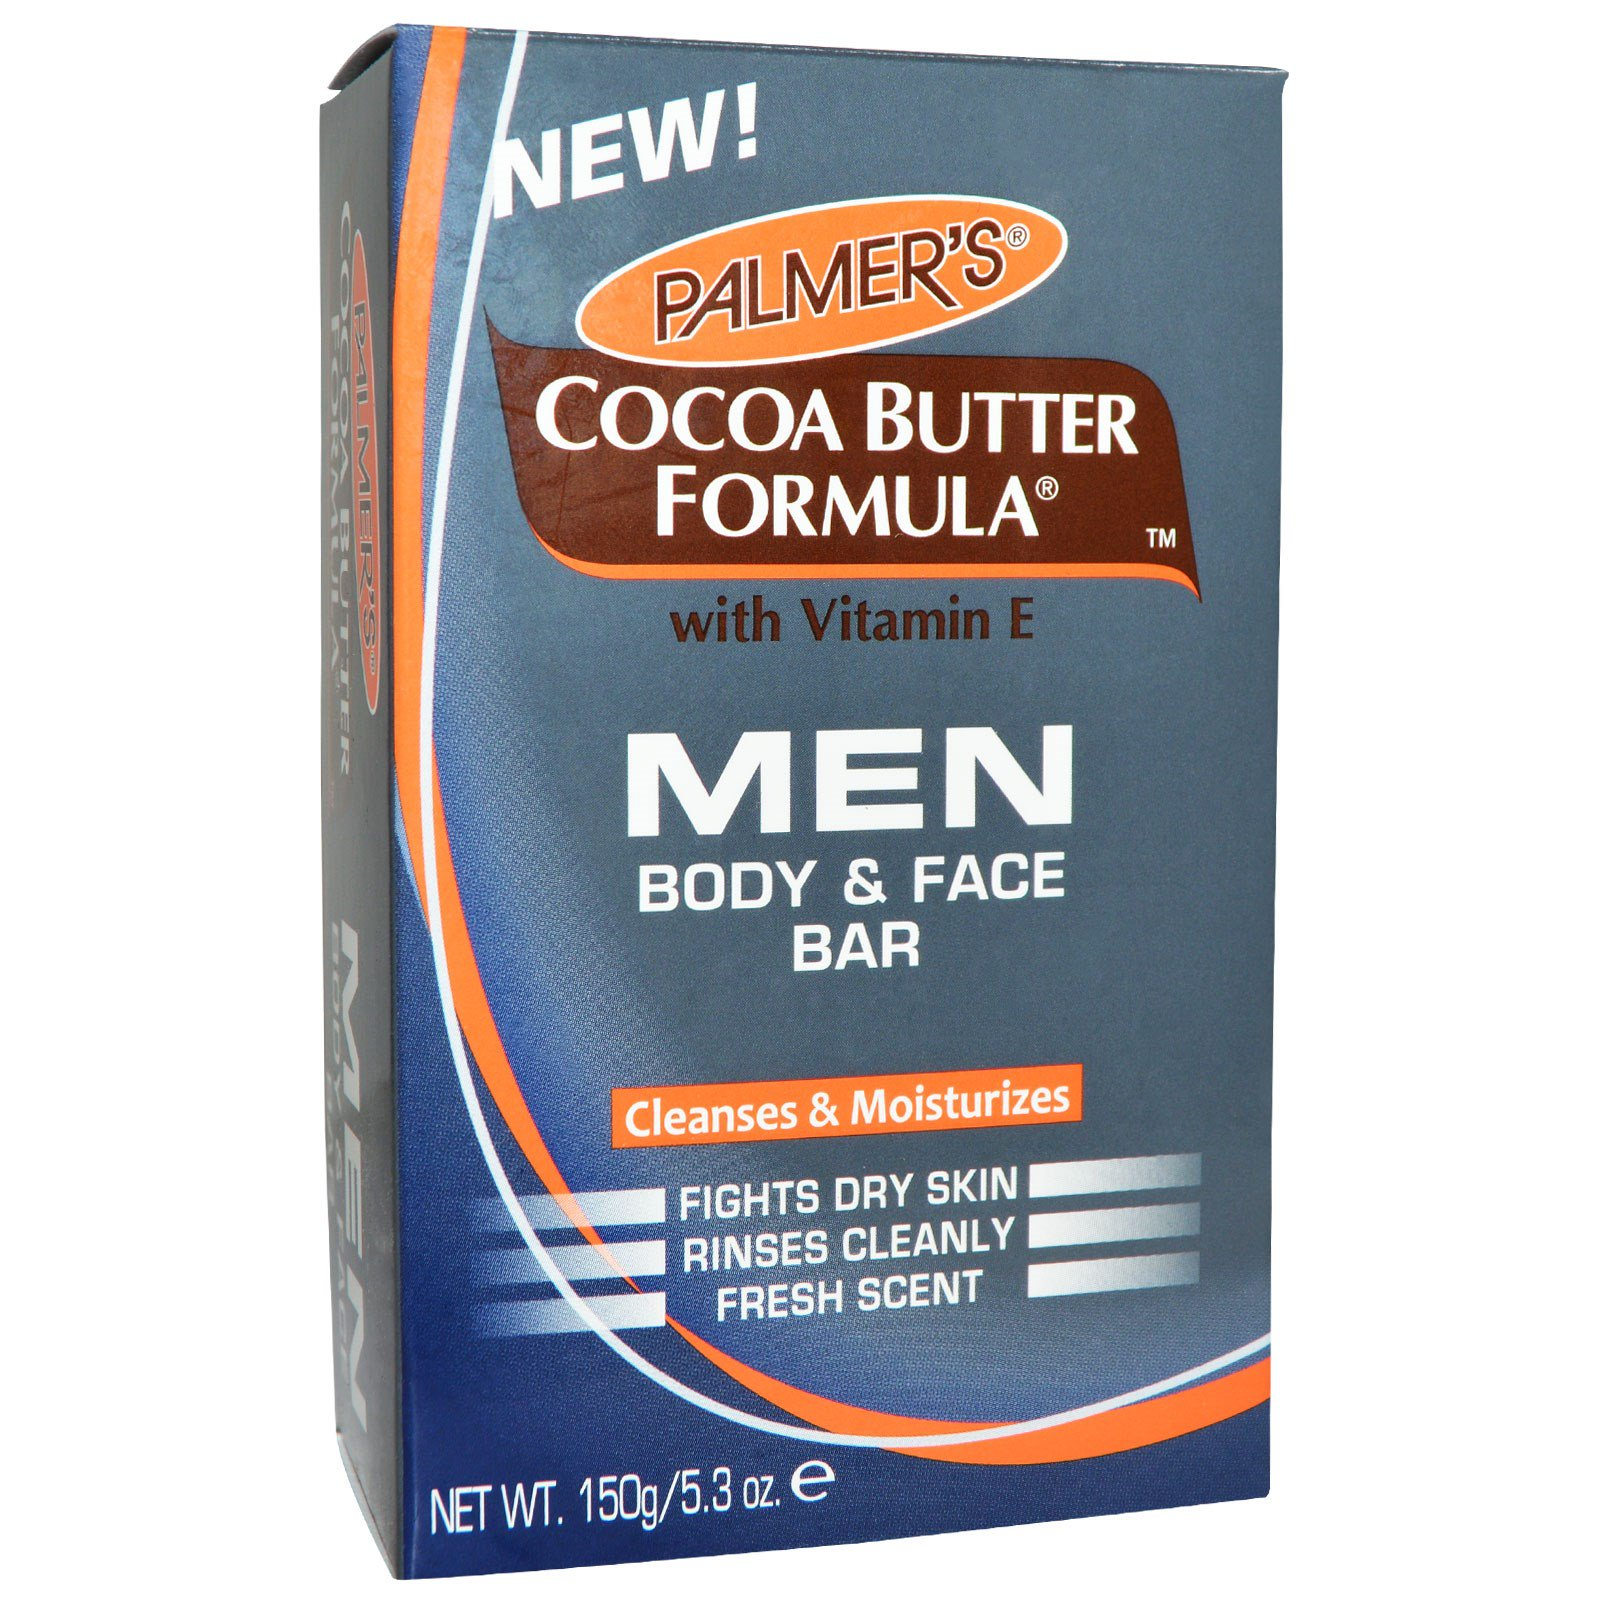 Palmer's, Мужская формула с какао-маслом, мыло для лица и тела, 5,3 унции (150 г)